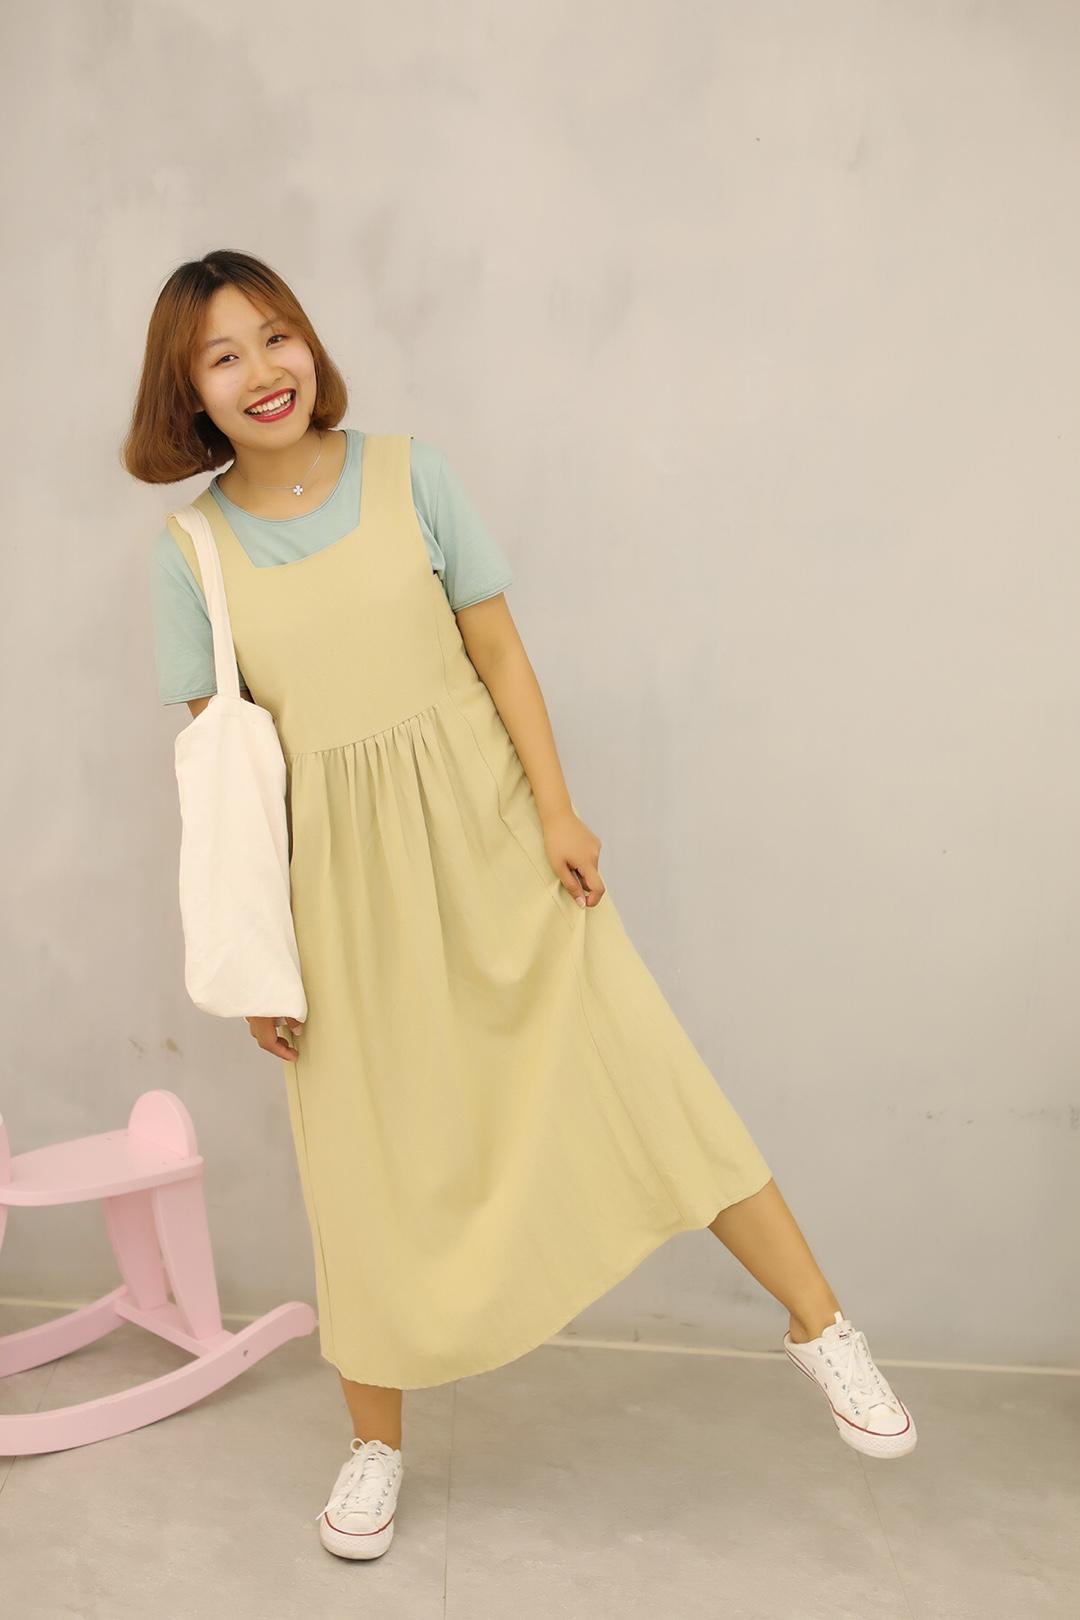 #小腿粗壮的穿搭拯救方案#  ❤️卡其色可爱背带裙, 穿上就是小可爱一枚~ 而且这种颜色真的很百搭, T恤还有衬衫统统可以~ ❤️绿色T真的很棒! 是春夏天阳光的感觉~ 内搭颜色亮一点~